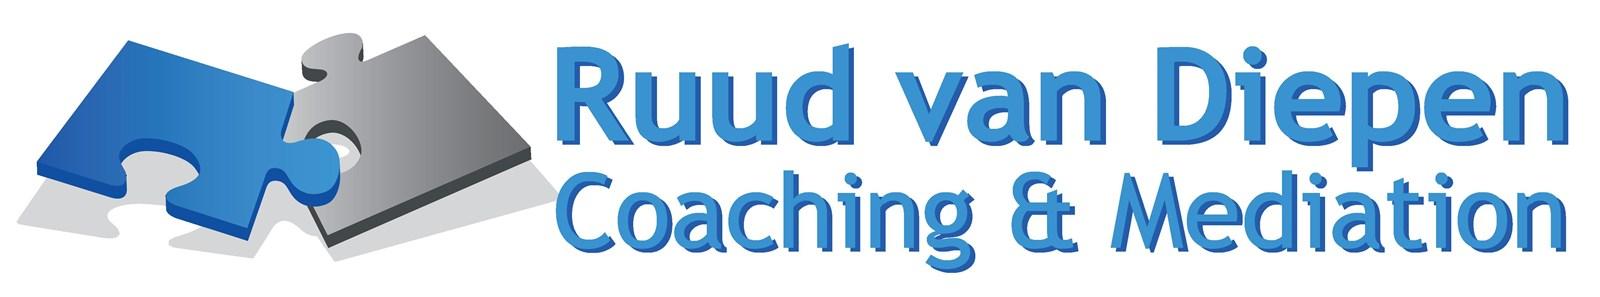 Logo van Ruud van Diepen Coaching & Mediation